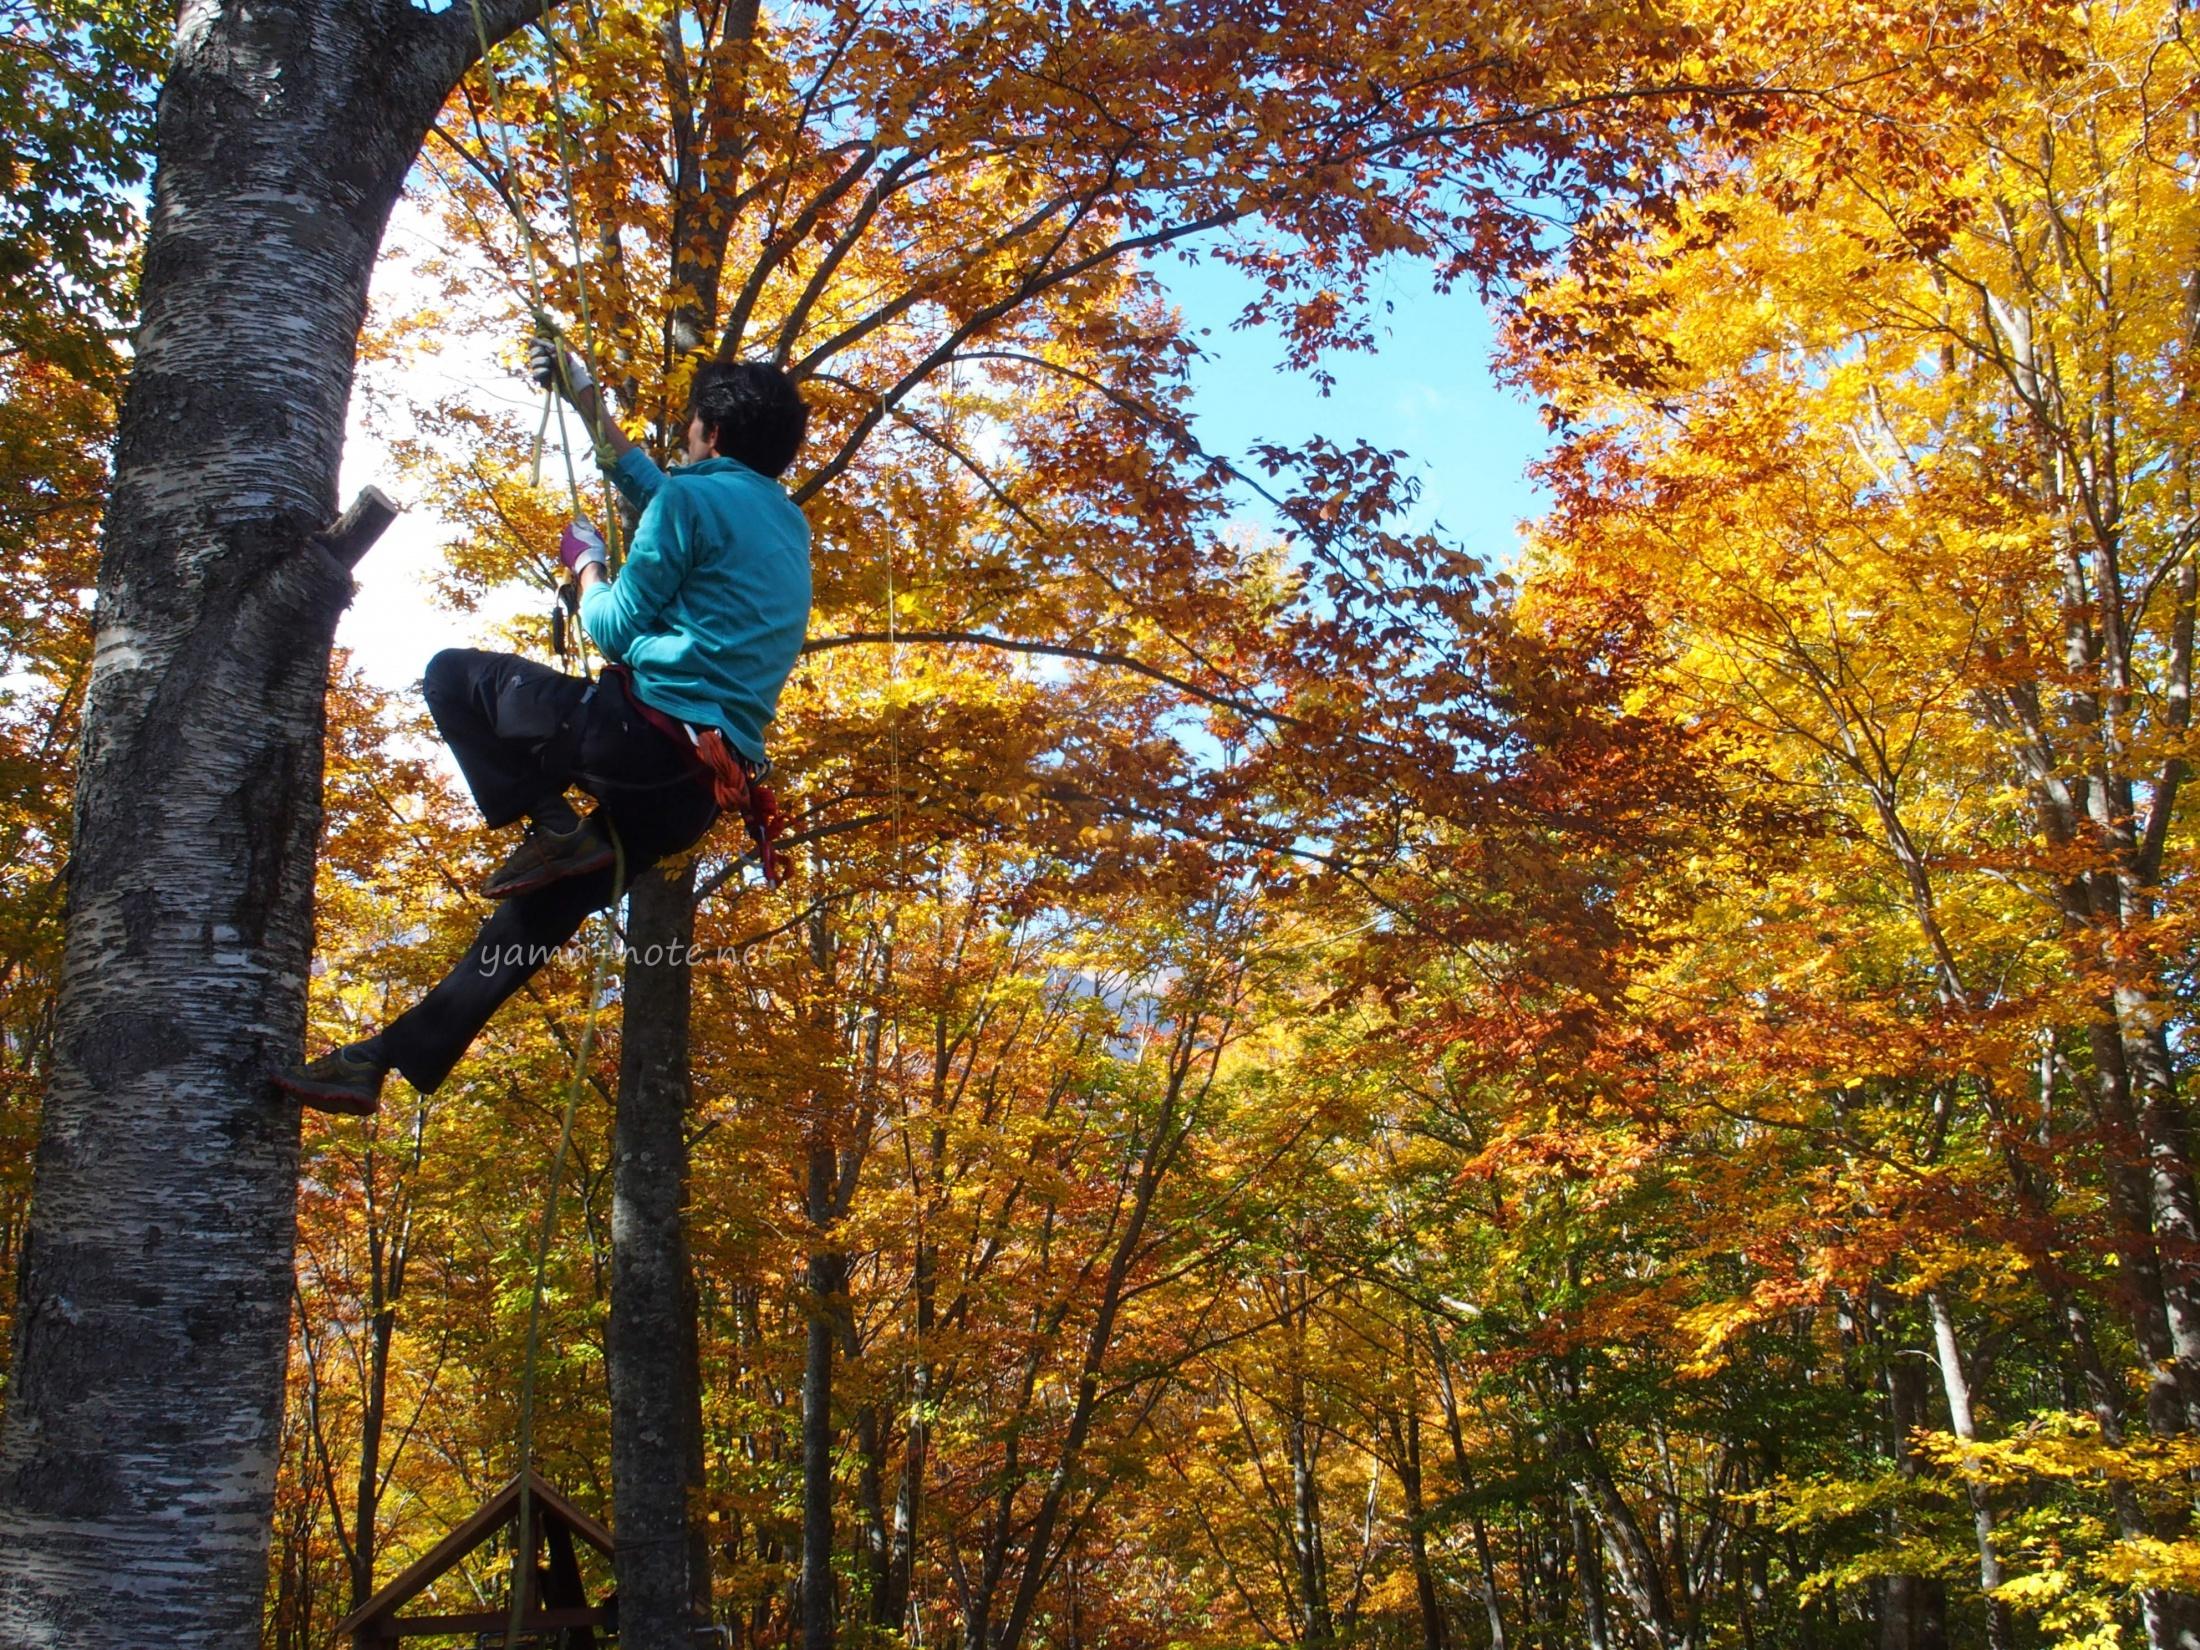 紅葉の森で木登りする男性